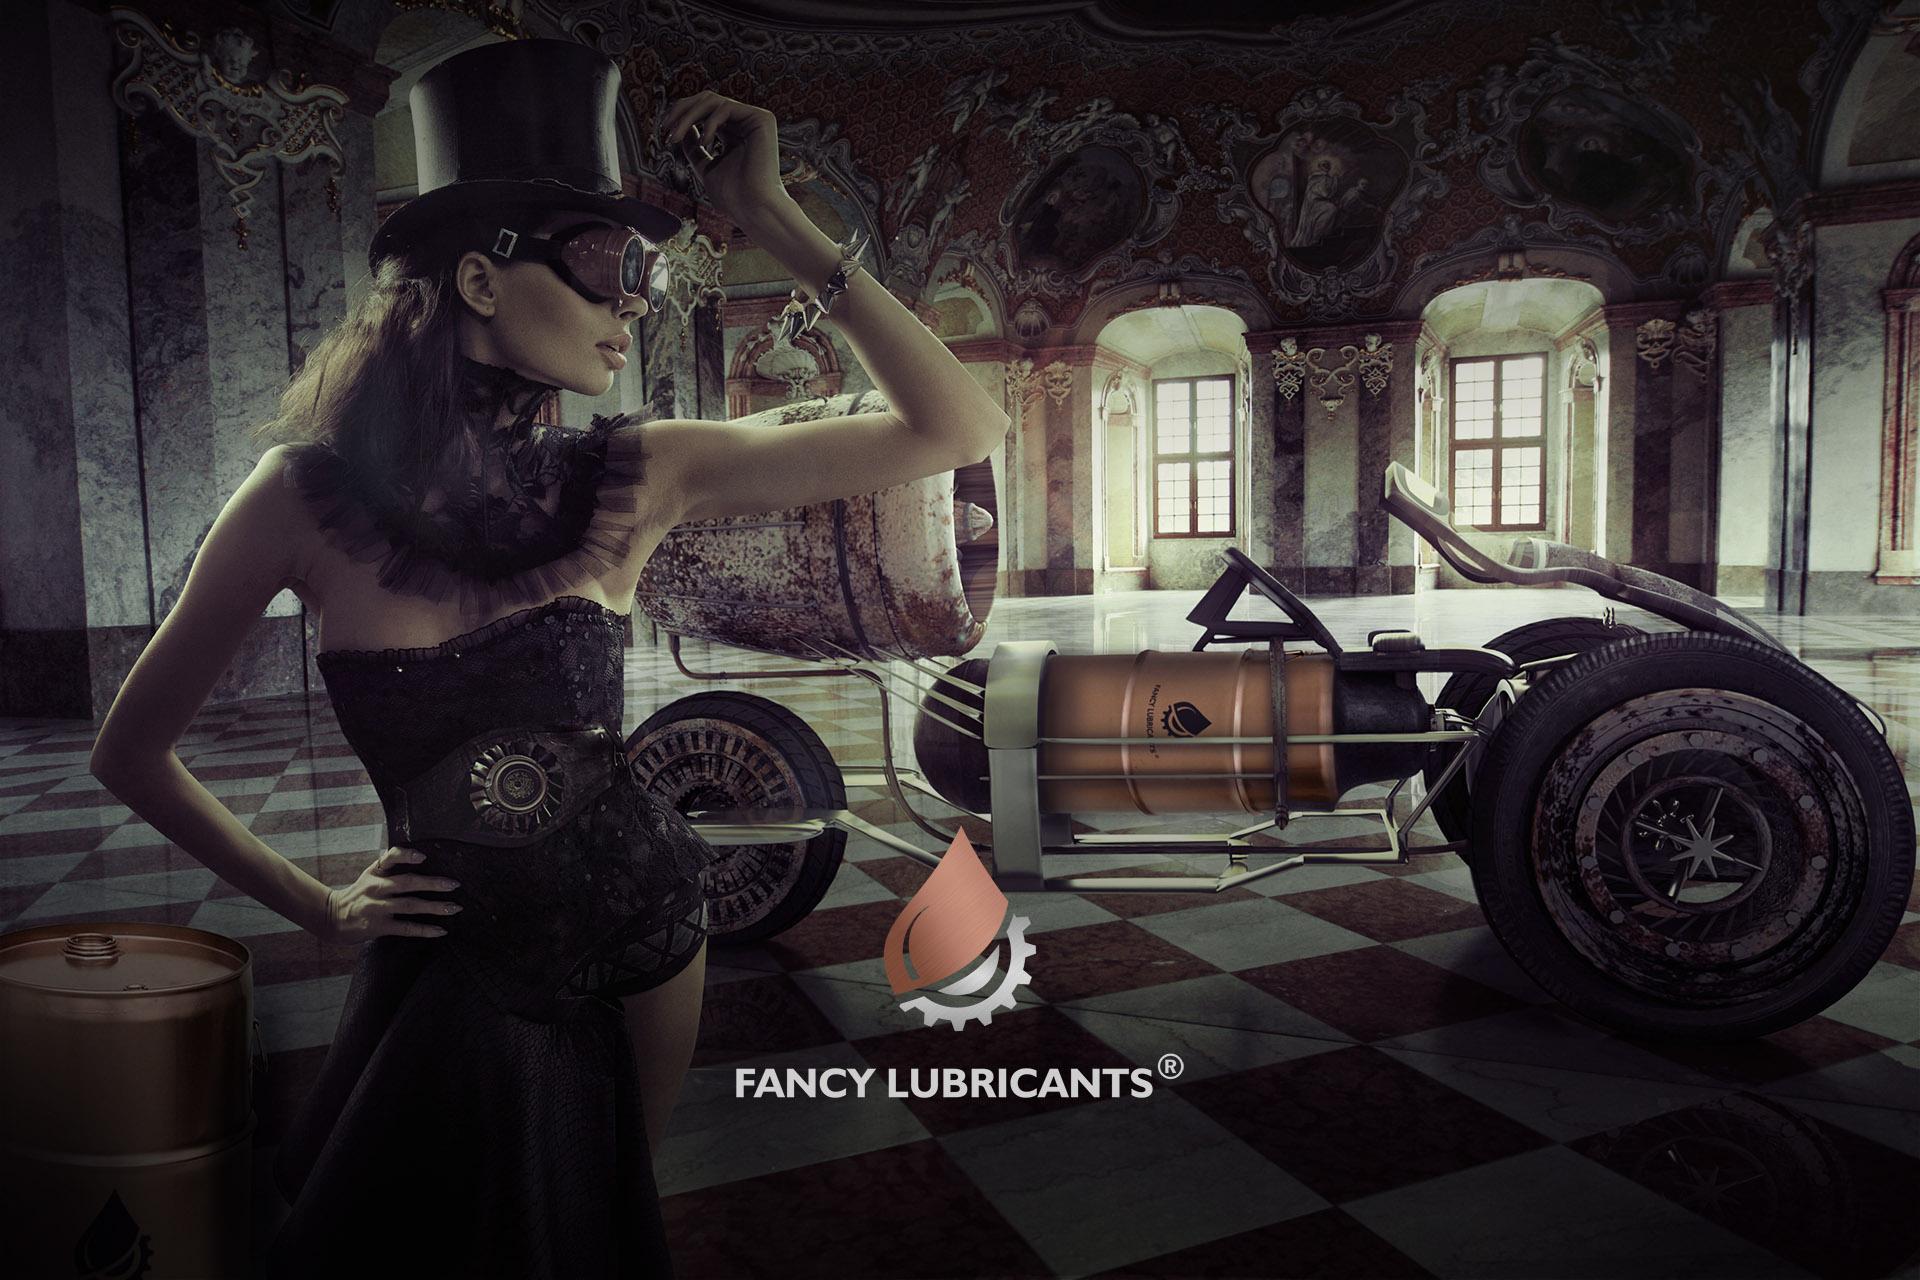 Fancy Lubricants